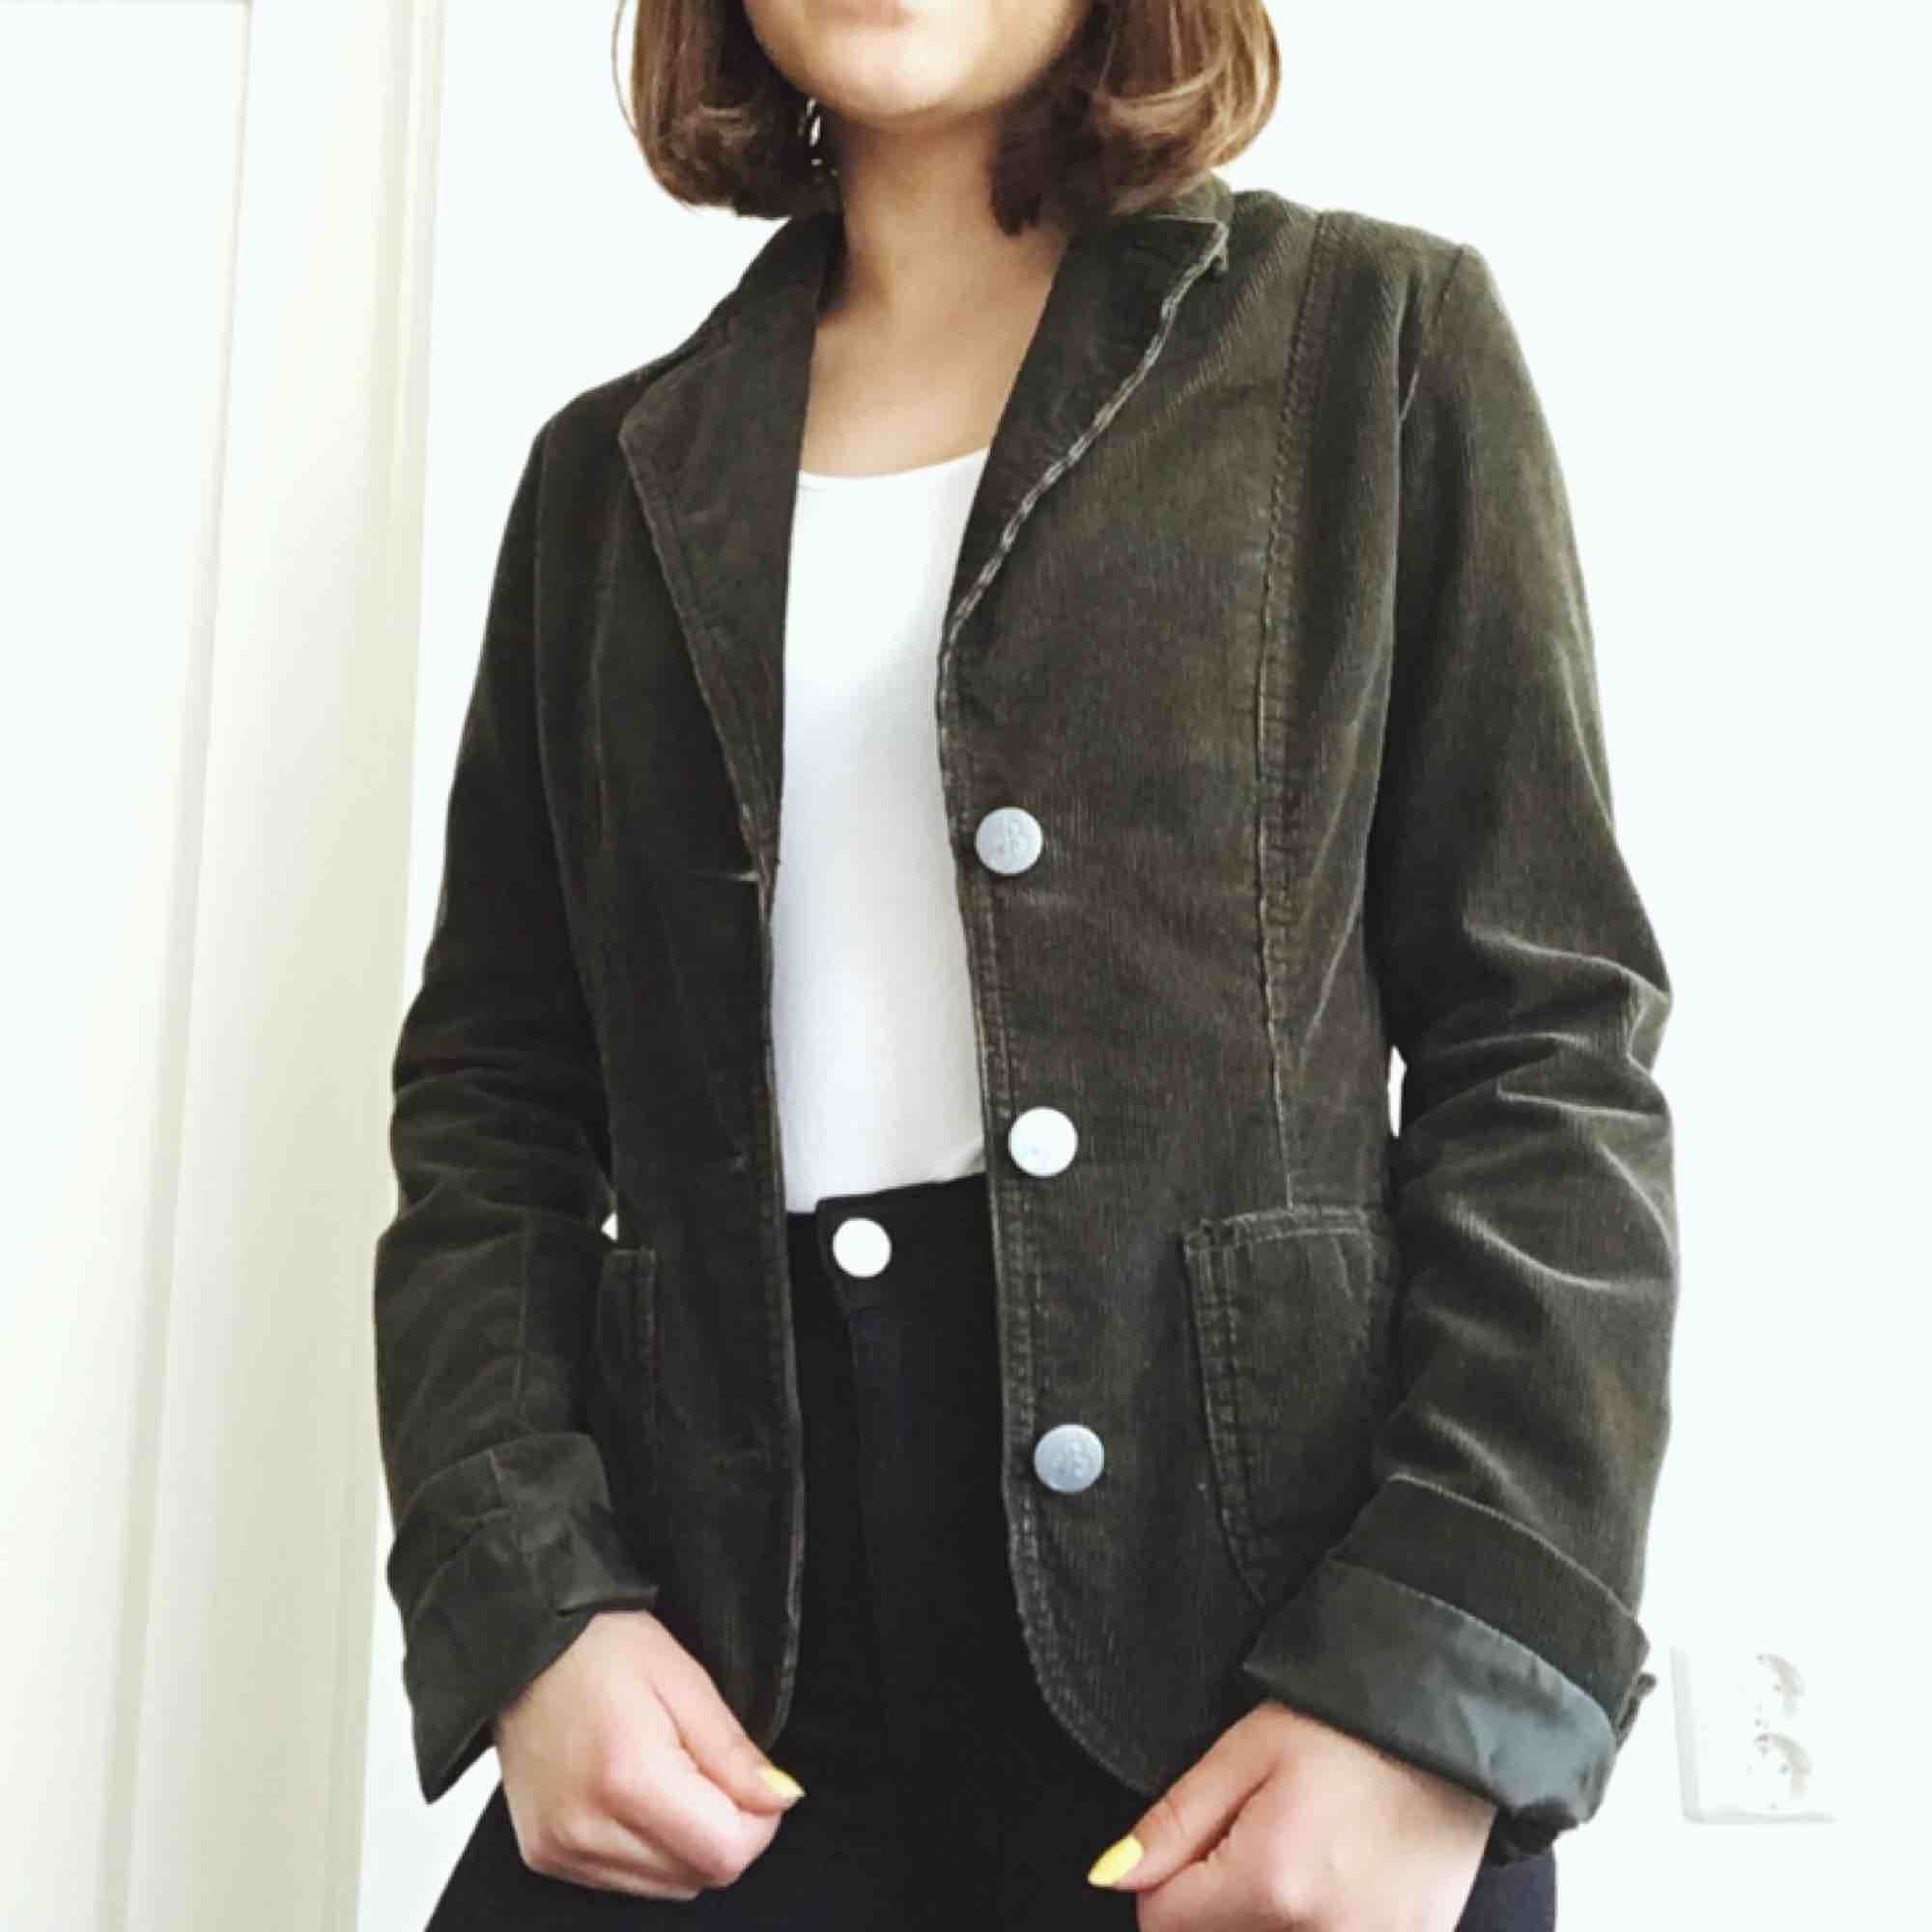 Mörkgrön Manchester-jacka köpt på second hand! Tycker den är jättefin men använder tyvärr inte tillräckligt. Gratis frakt❤️. Jackor.